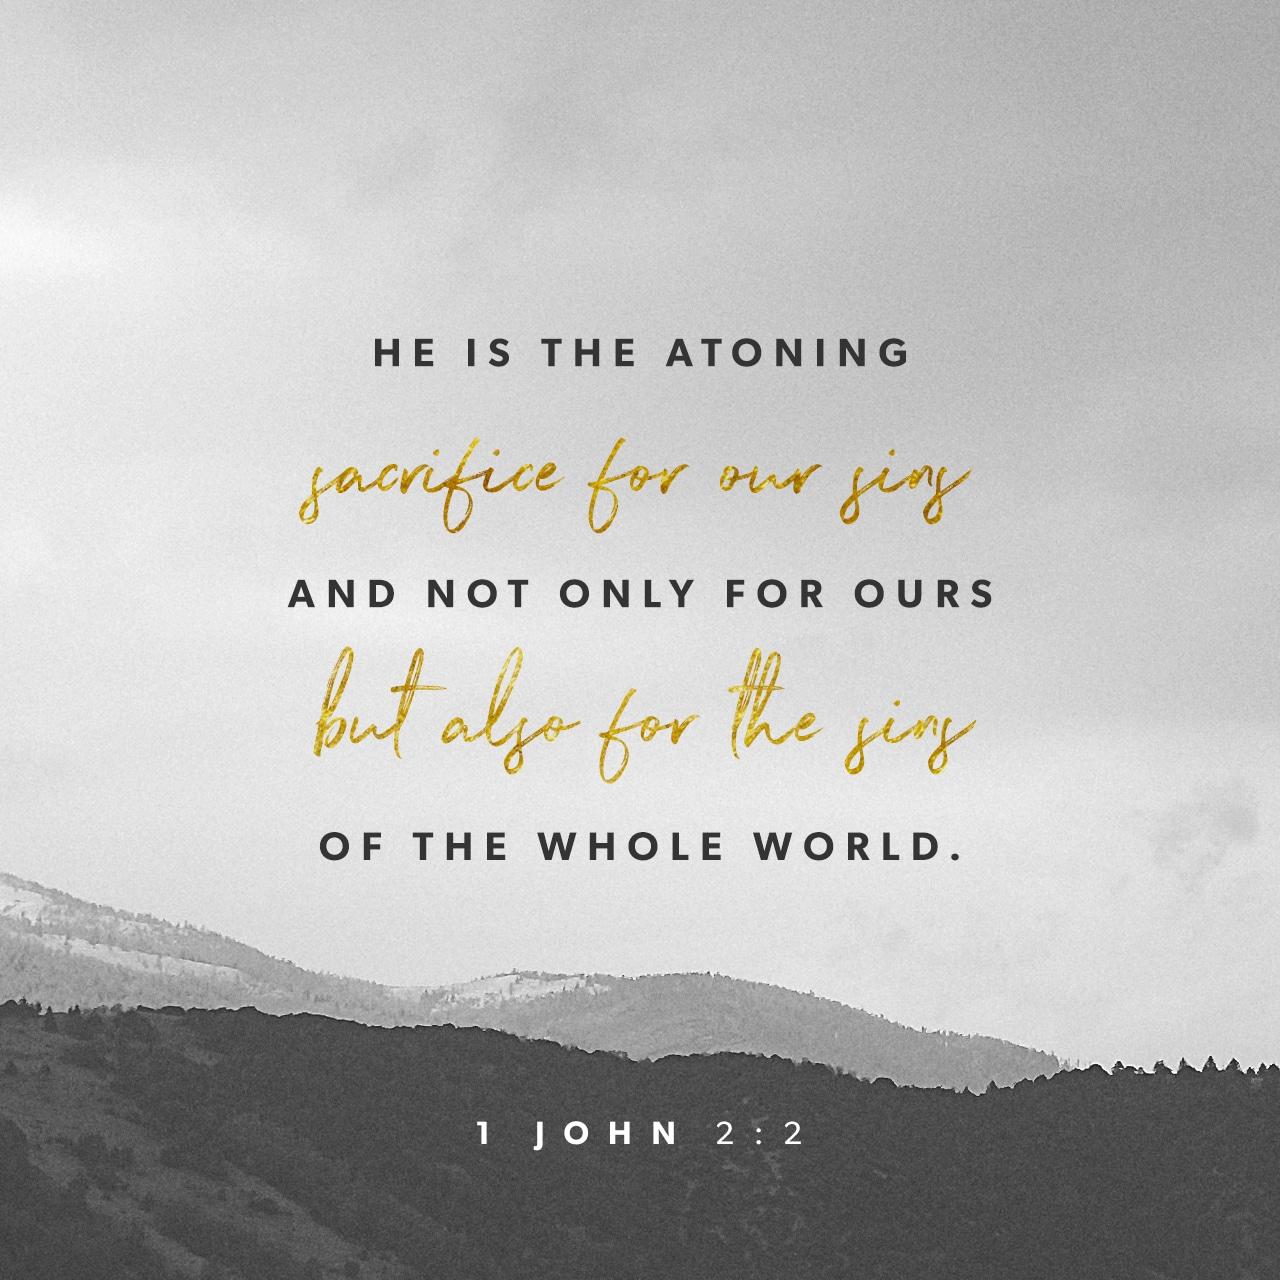 1 John 2:2